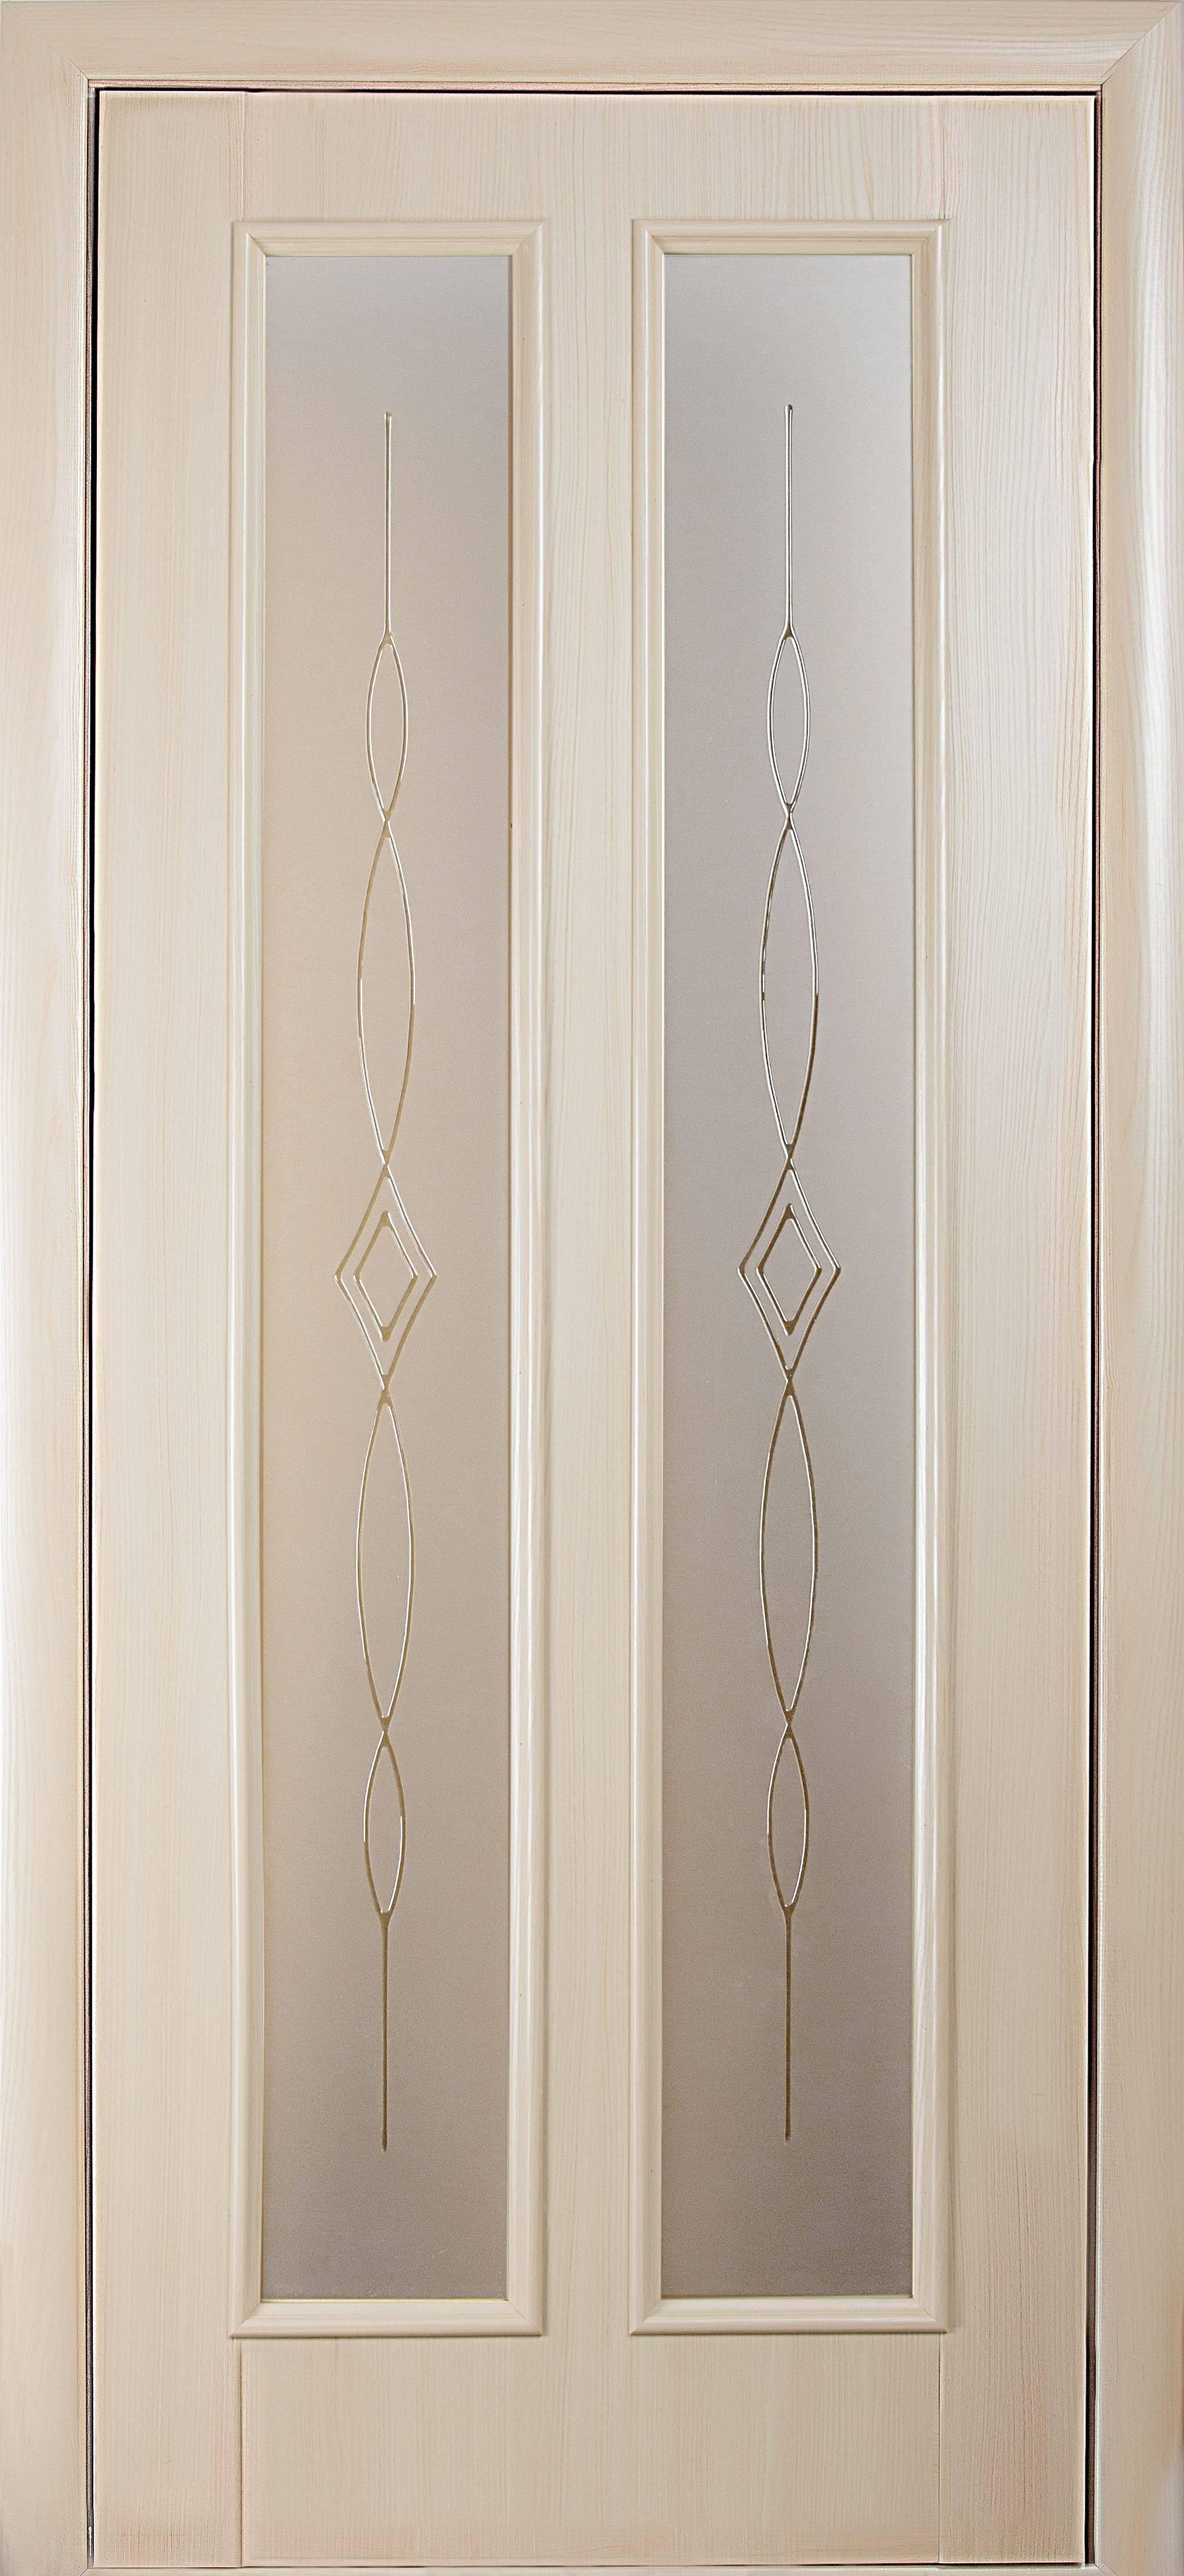 Узнаём стандартные размеры межкомнатных дверей